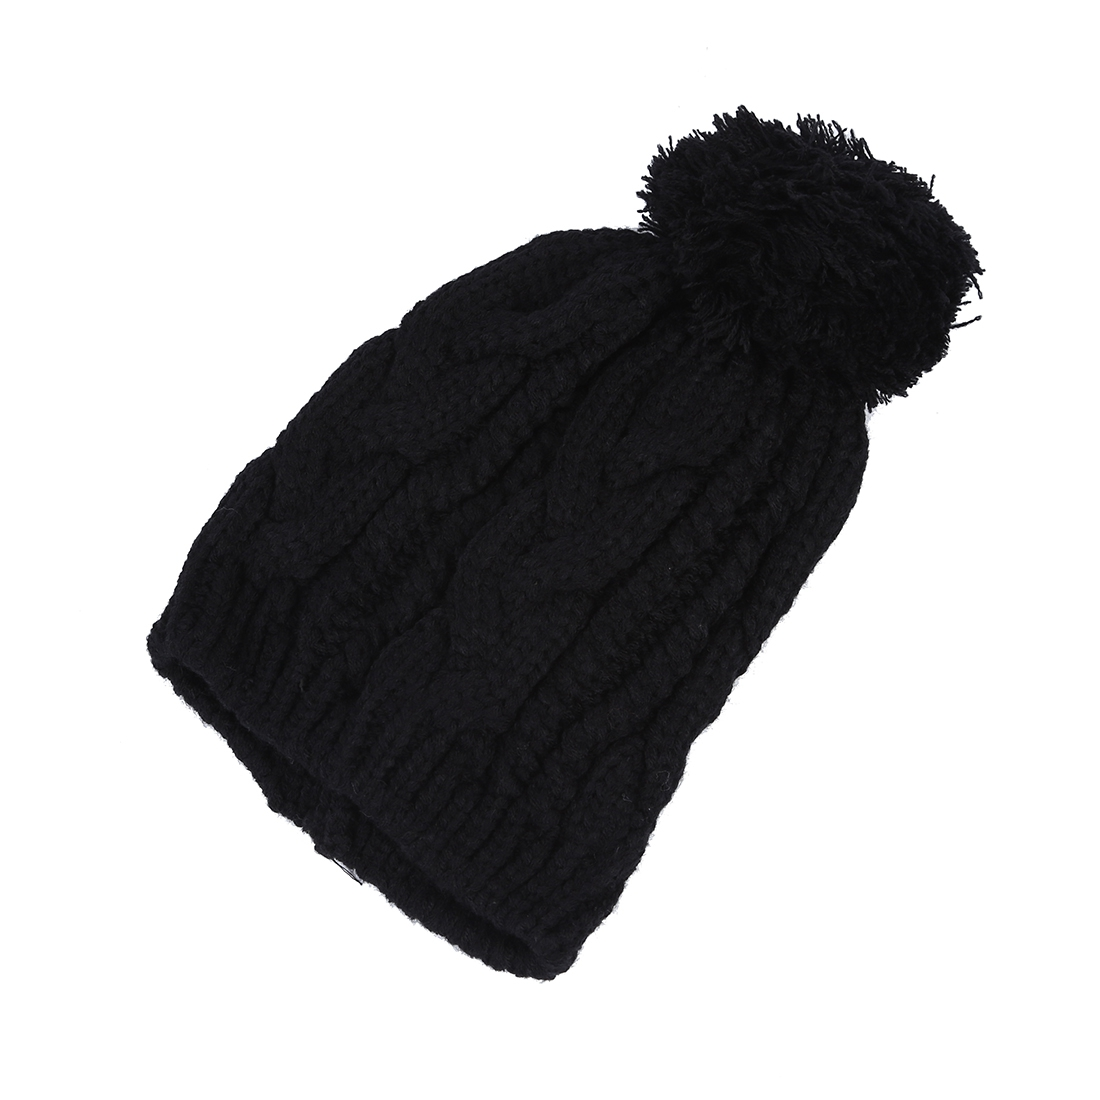 Baggy Bobble Hat Knitting Pattern : Warm Winter Unisex Men Women Knit Bobble Beanie Baggy Hat - AS eBay